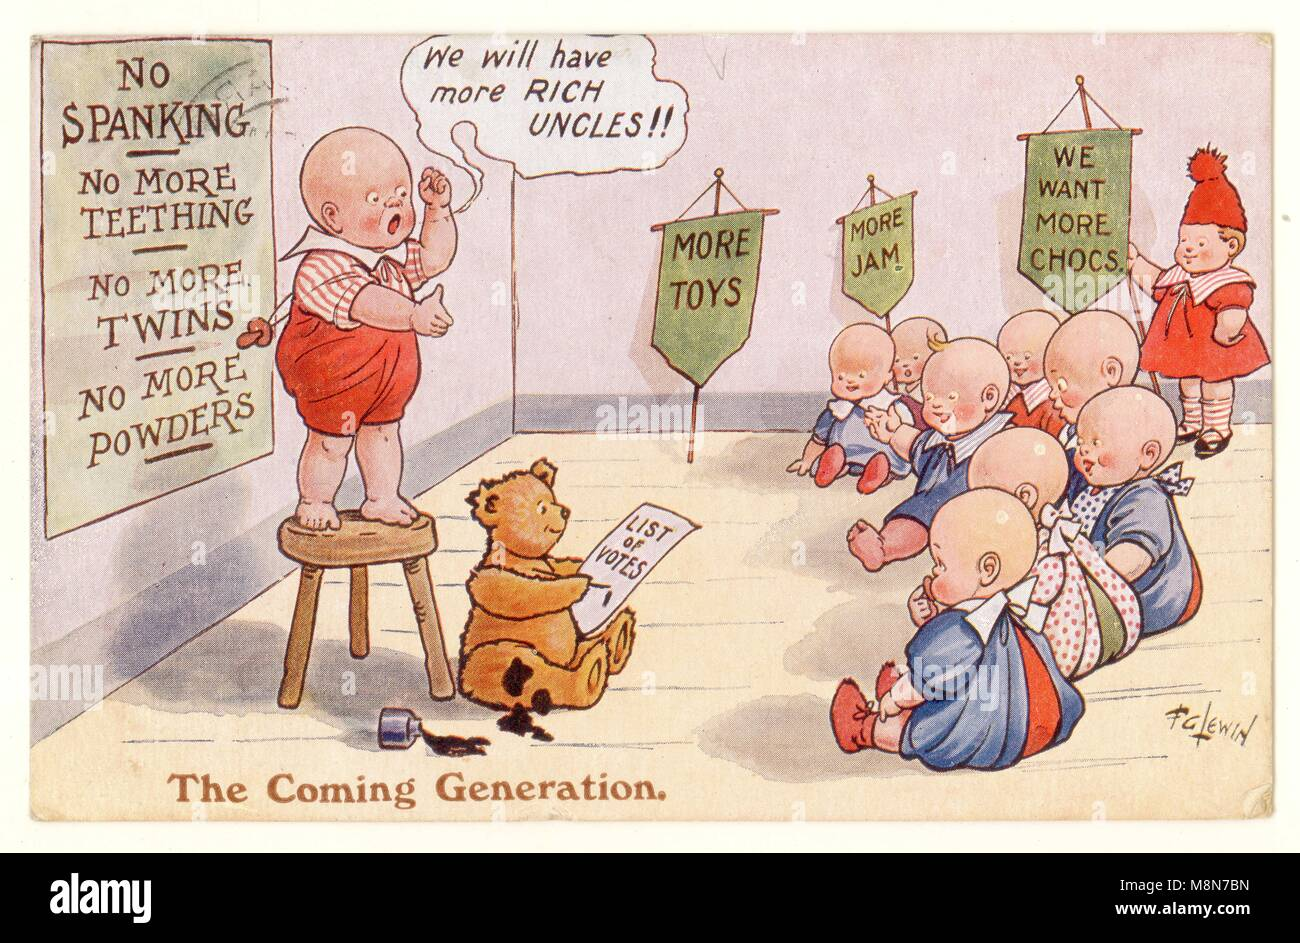 Carte postale comique des années 1920 - la génération à venir - sur les enfants gâtés avec le vote, semble être un commentaire sur le suffrage - timbre au verso de la carte postale date à peut-être entre 1924 et 1926.la Loi de représentation du peuple de 1928 - a donné le suffrage égal pour les femmes et les hommes, Avec possibilité de vote sur 21 sans aucune restriction de propriété, Royaume-Uni Banque D'Images